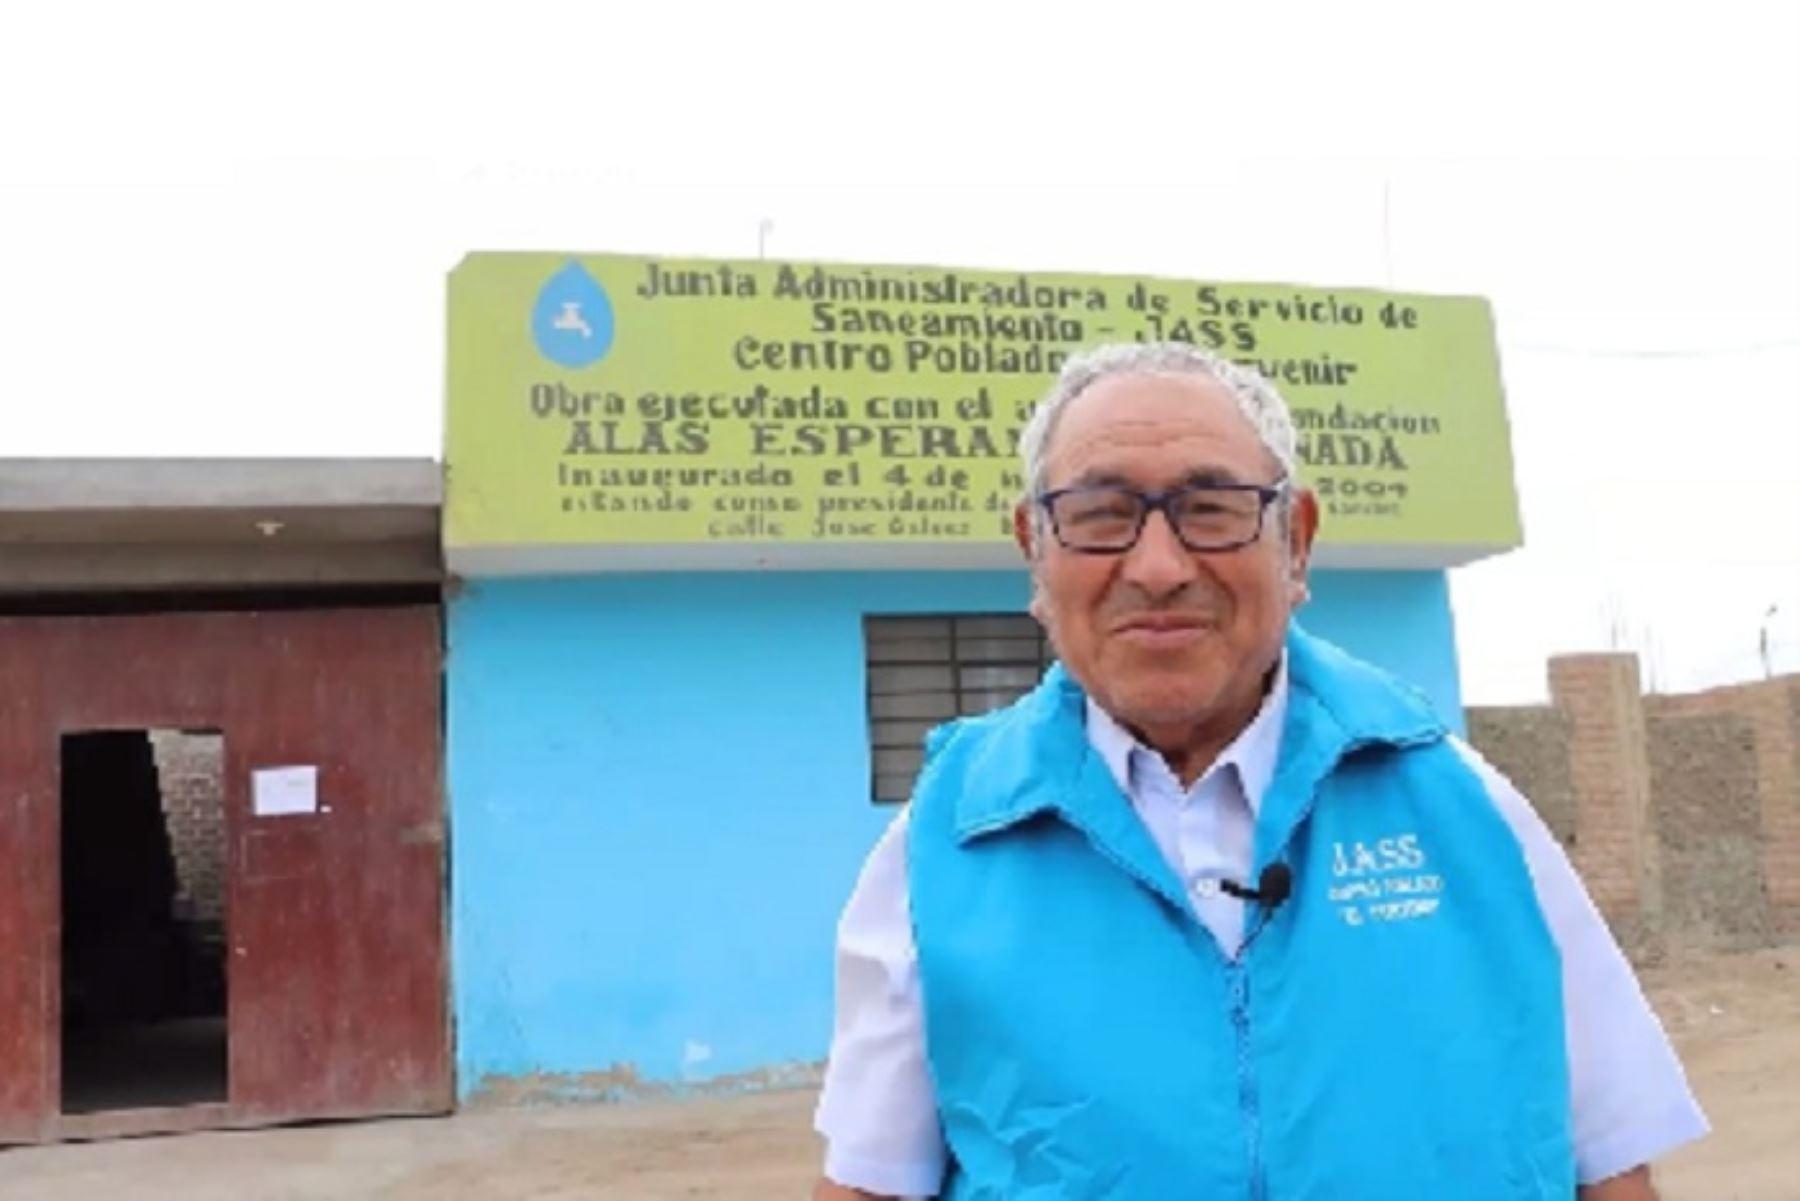 Reconocen a JASS de Porvenir Supe por adecuada cloración del agua en su comunidad